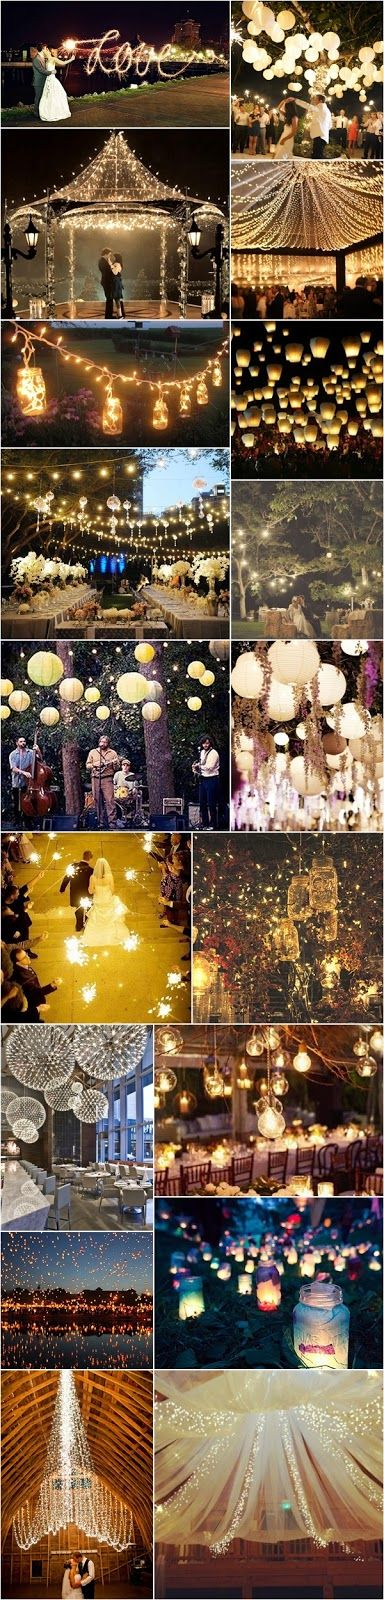 Iluminação no casamento (luzes de natal)...Spanish Outdoor wedding!